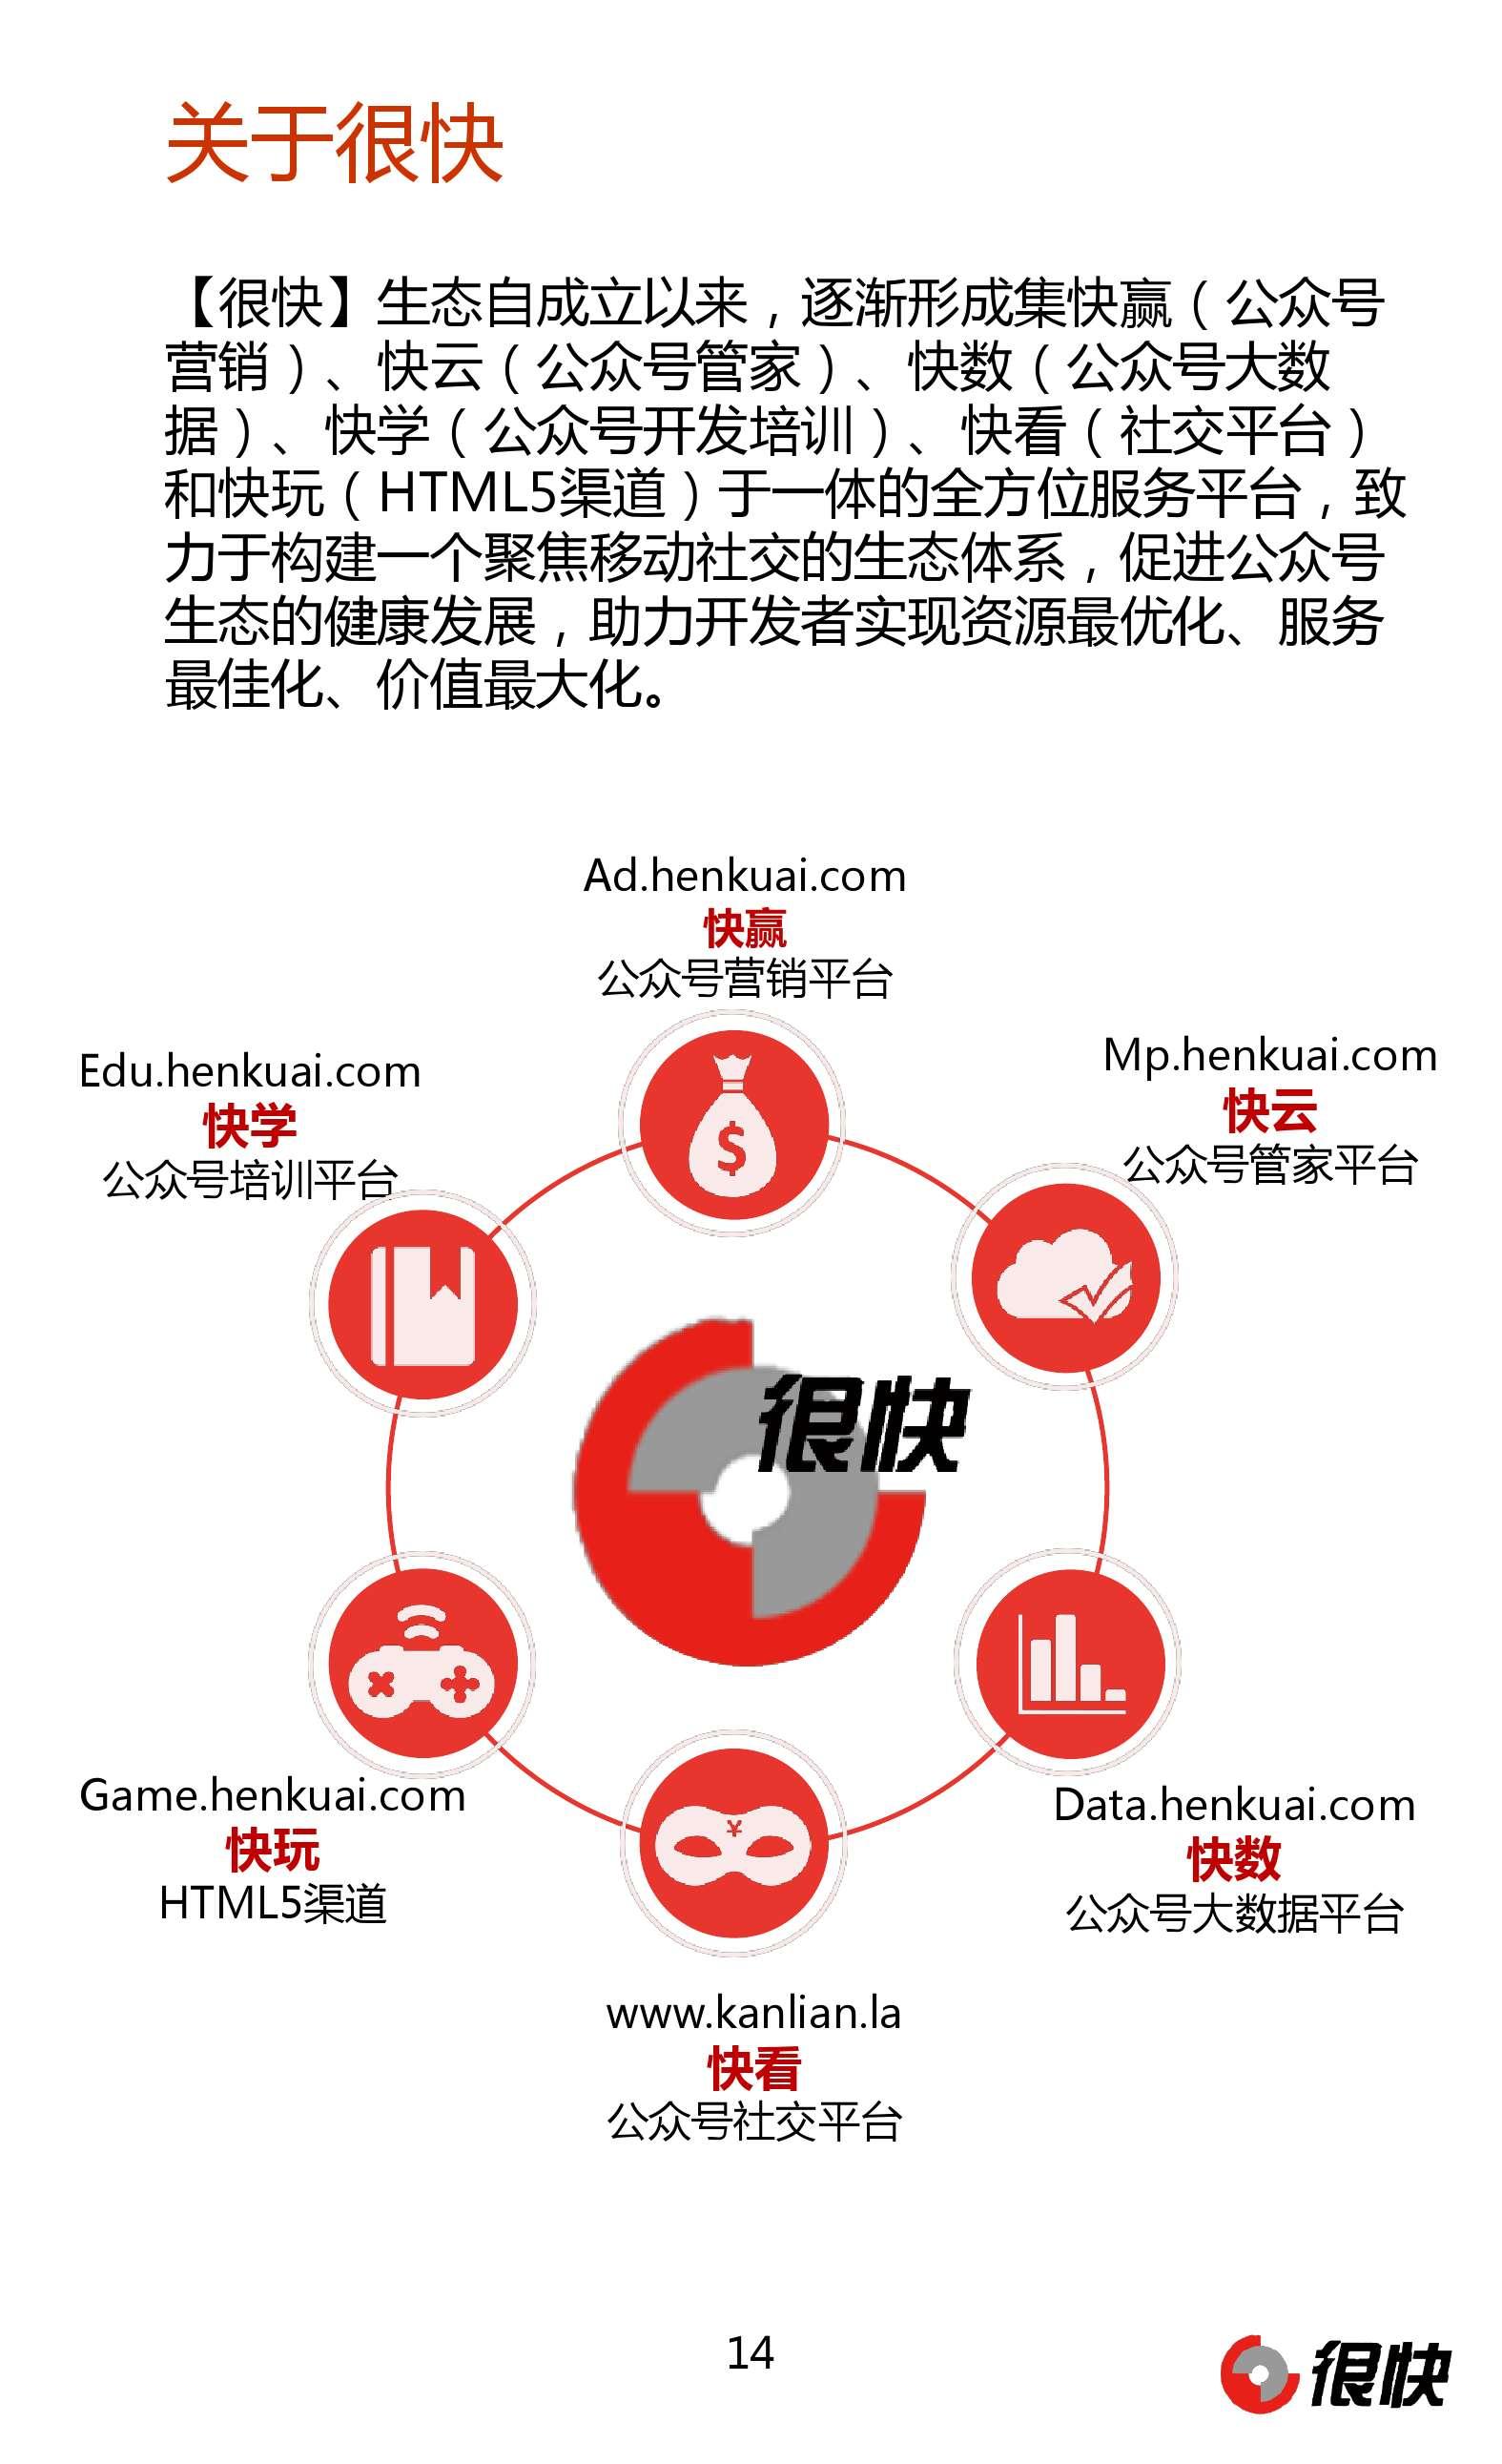 Henkuai-中国行业时尚微信公众号数据洞察报告_000014